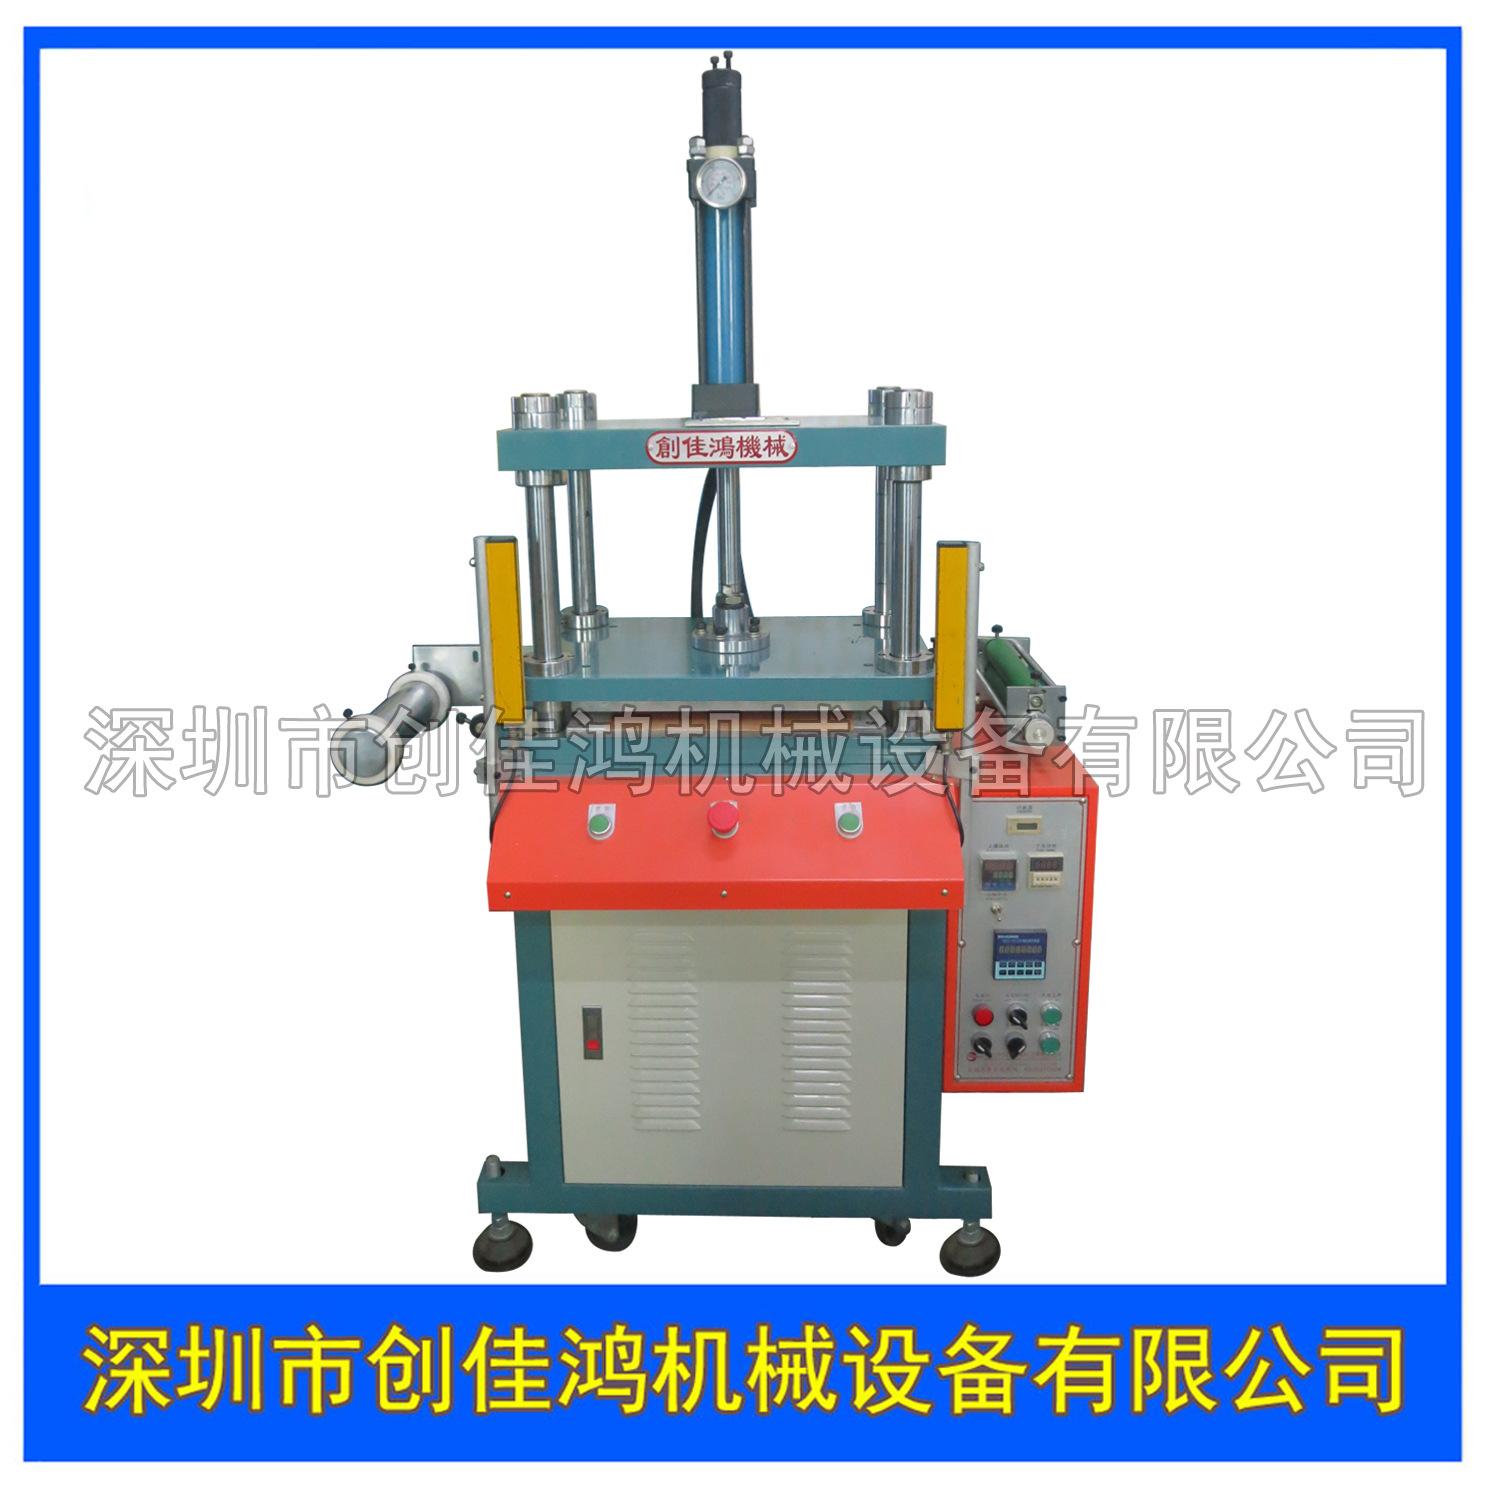 自动不干胶模切机 ,平压平模切机,液压裁切机,非标定制模切机